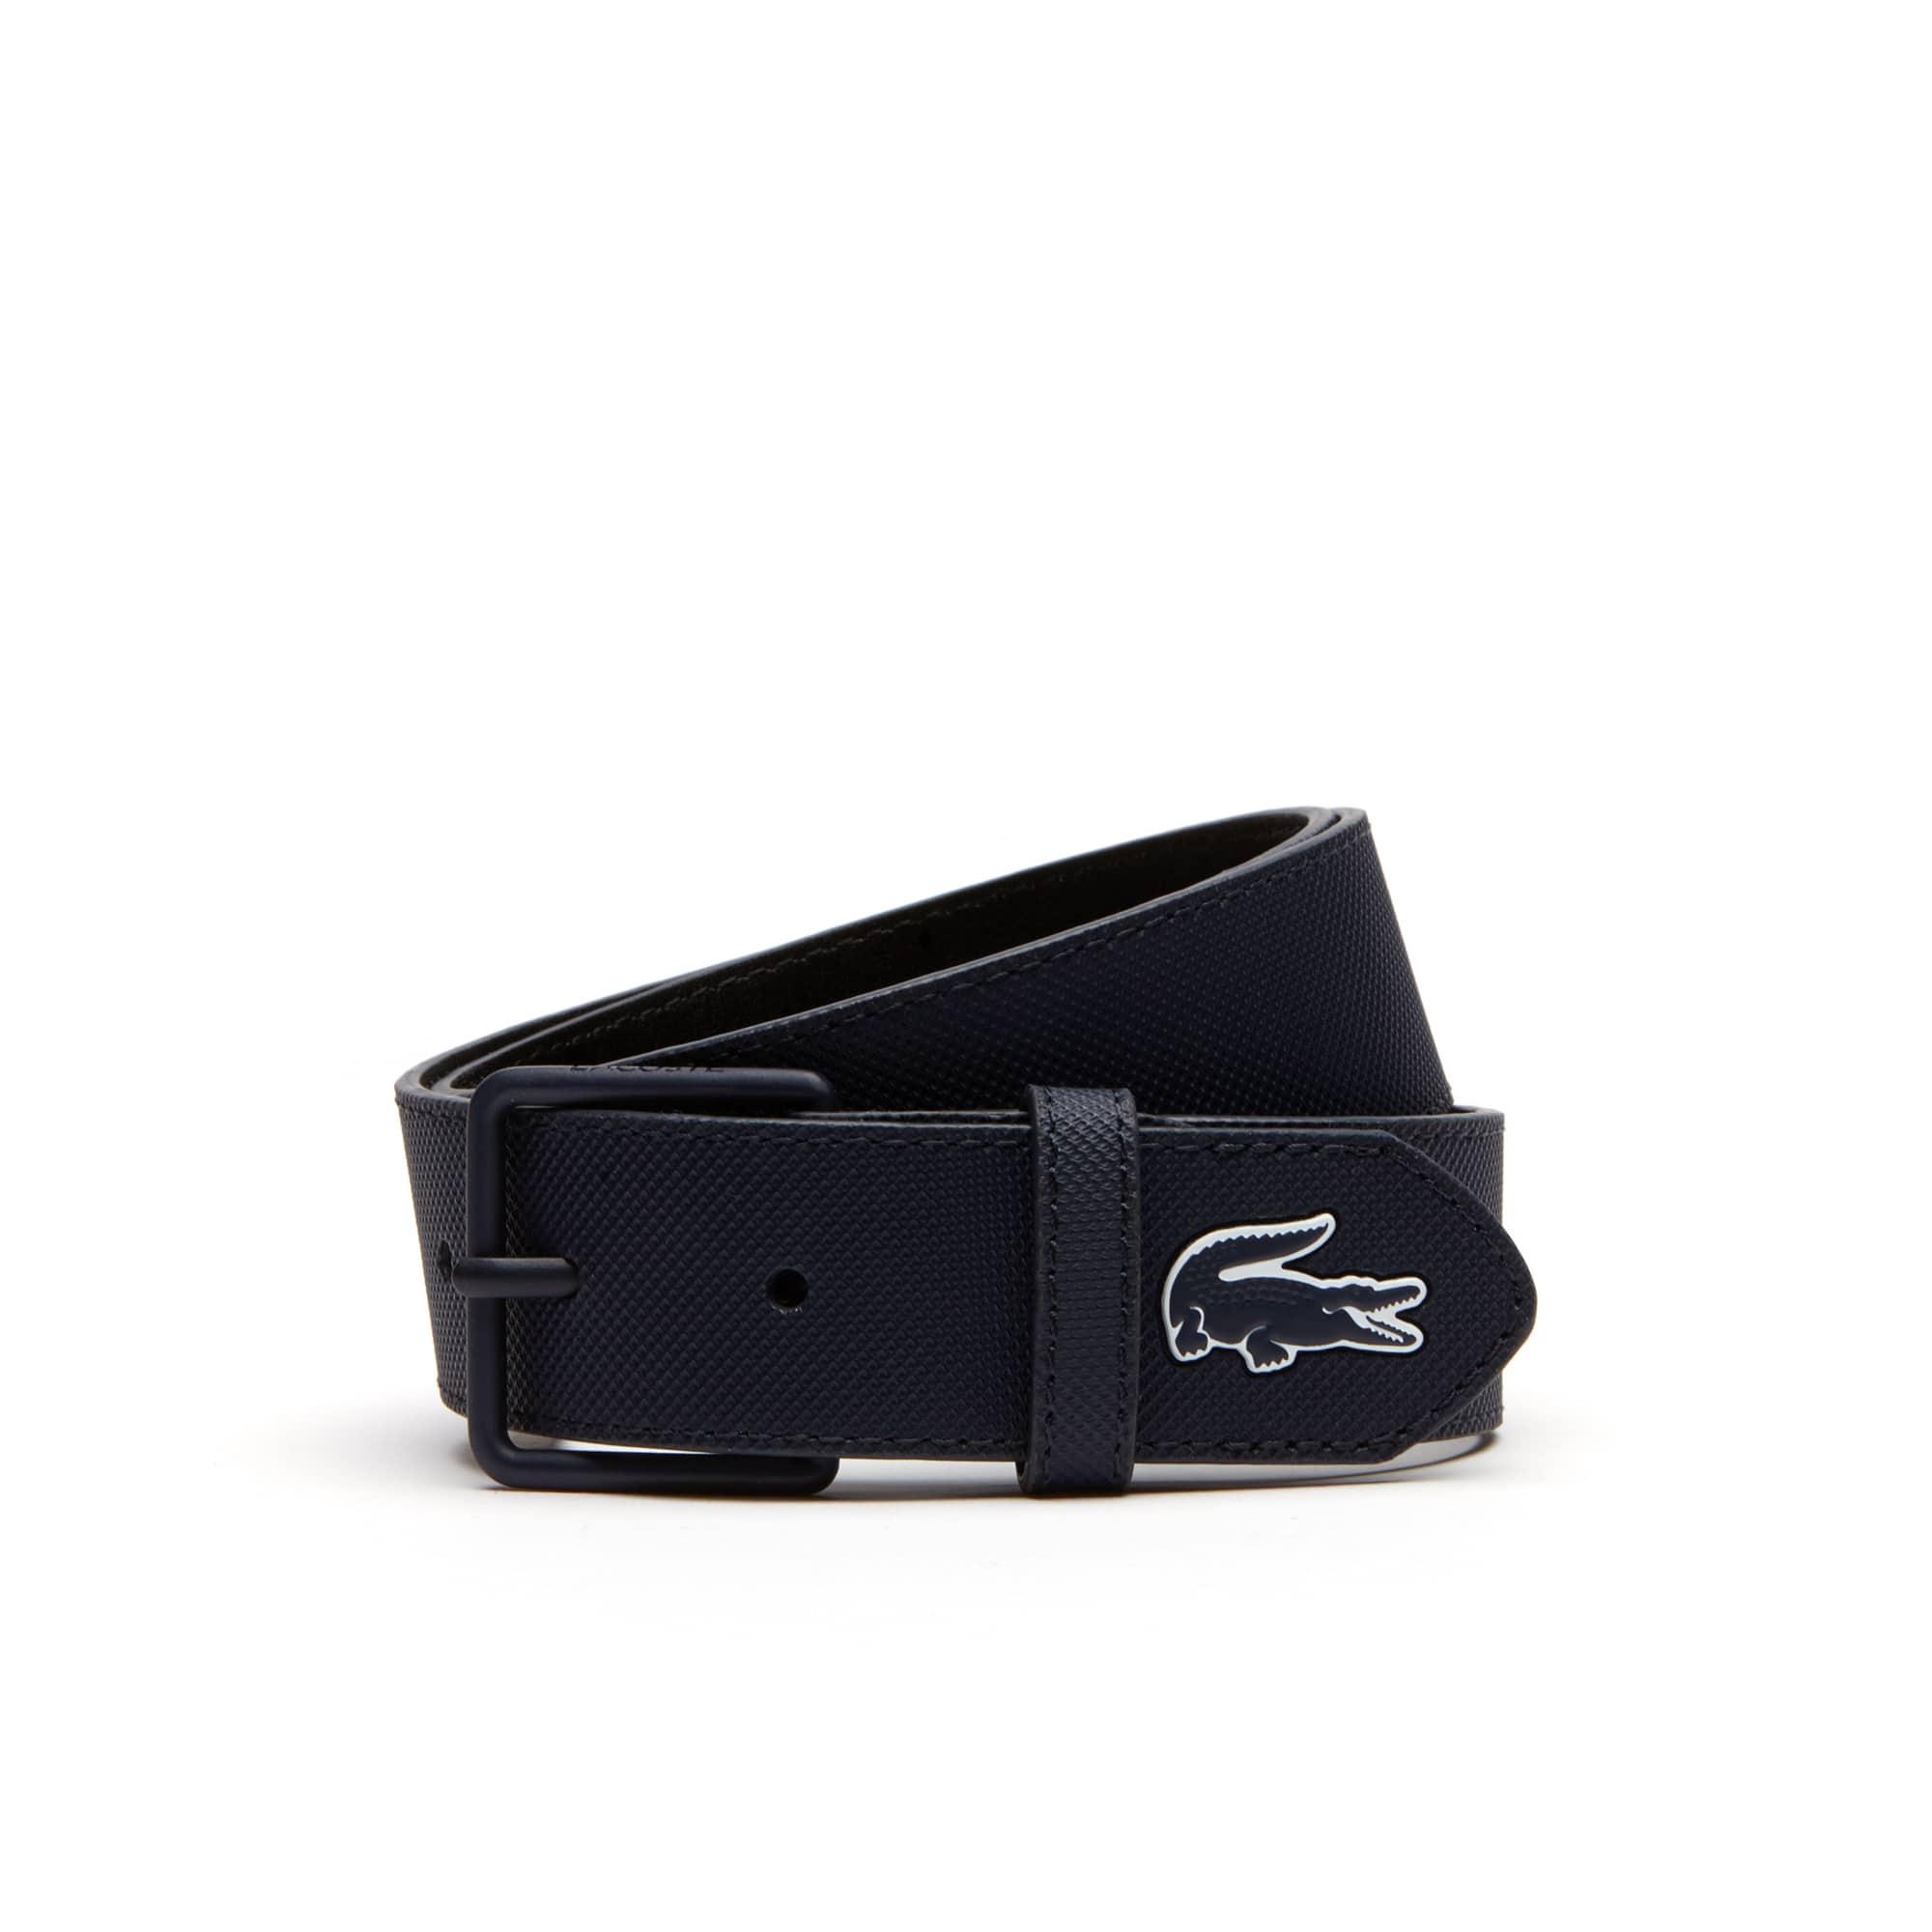 Cintura L.12.12 Concept monocroma con fibbia ad ardiglione